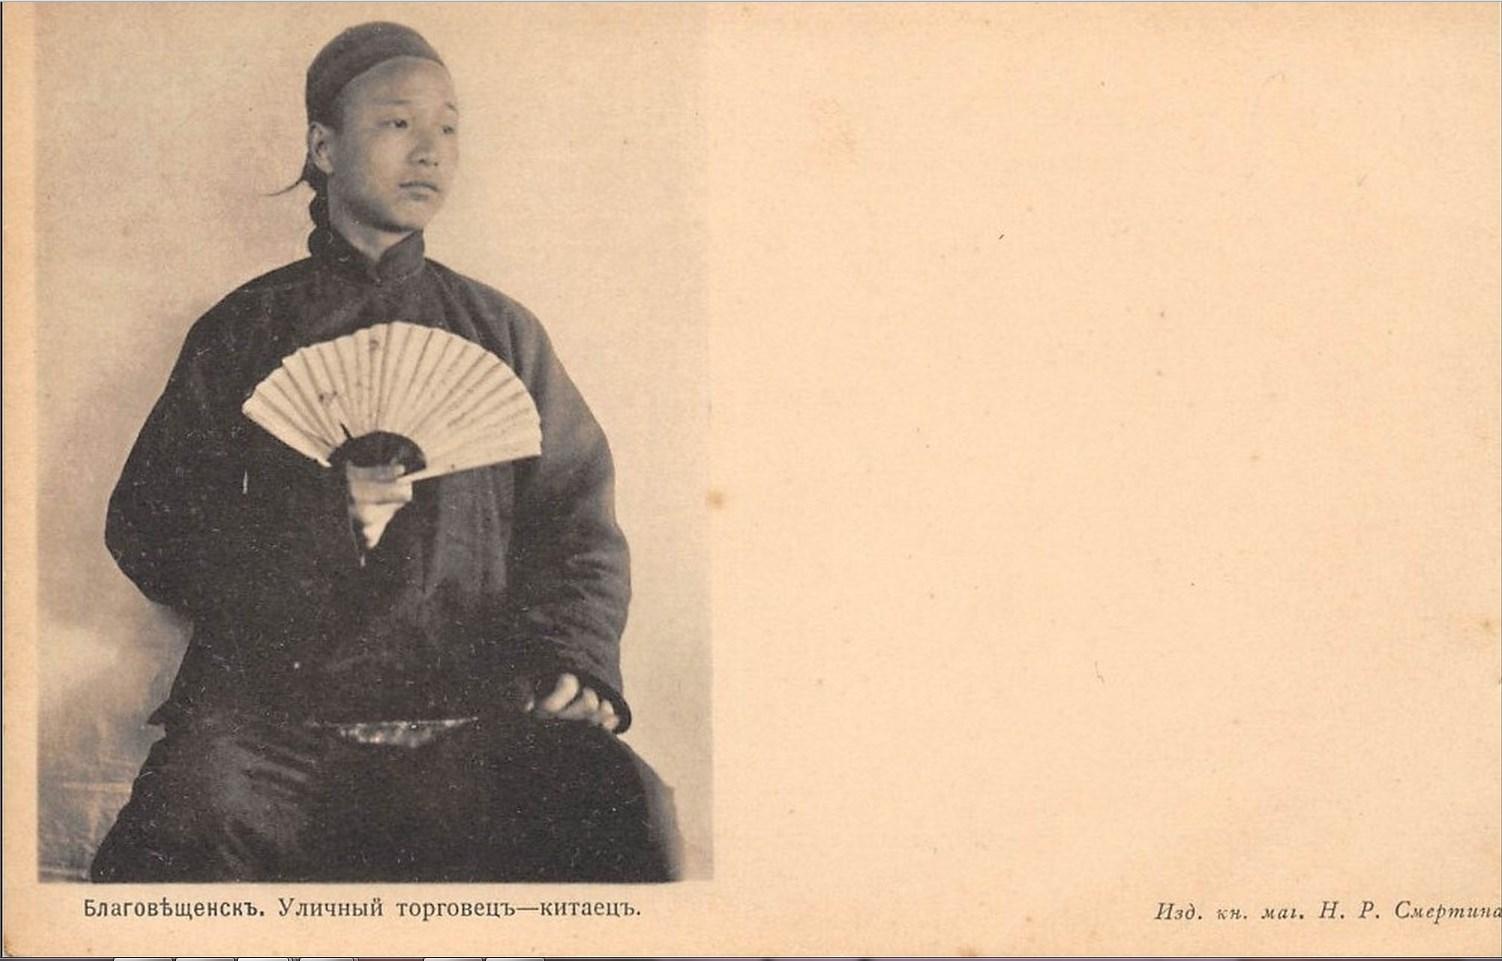 Уличный торговец китаец